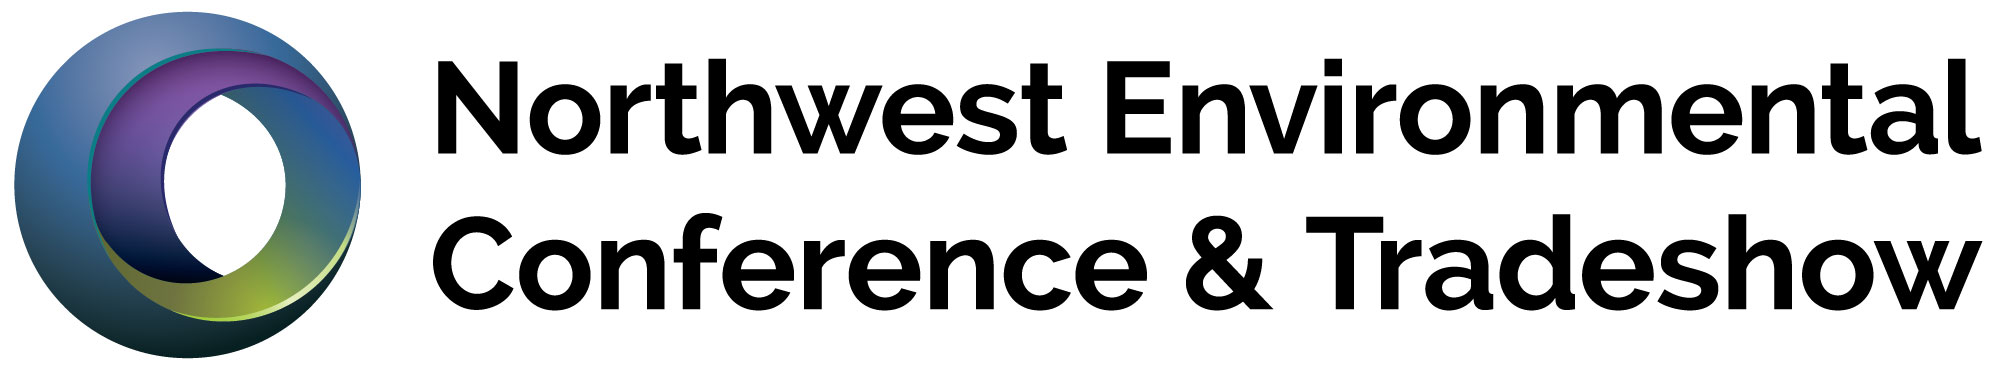 NWEC Logo